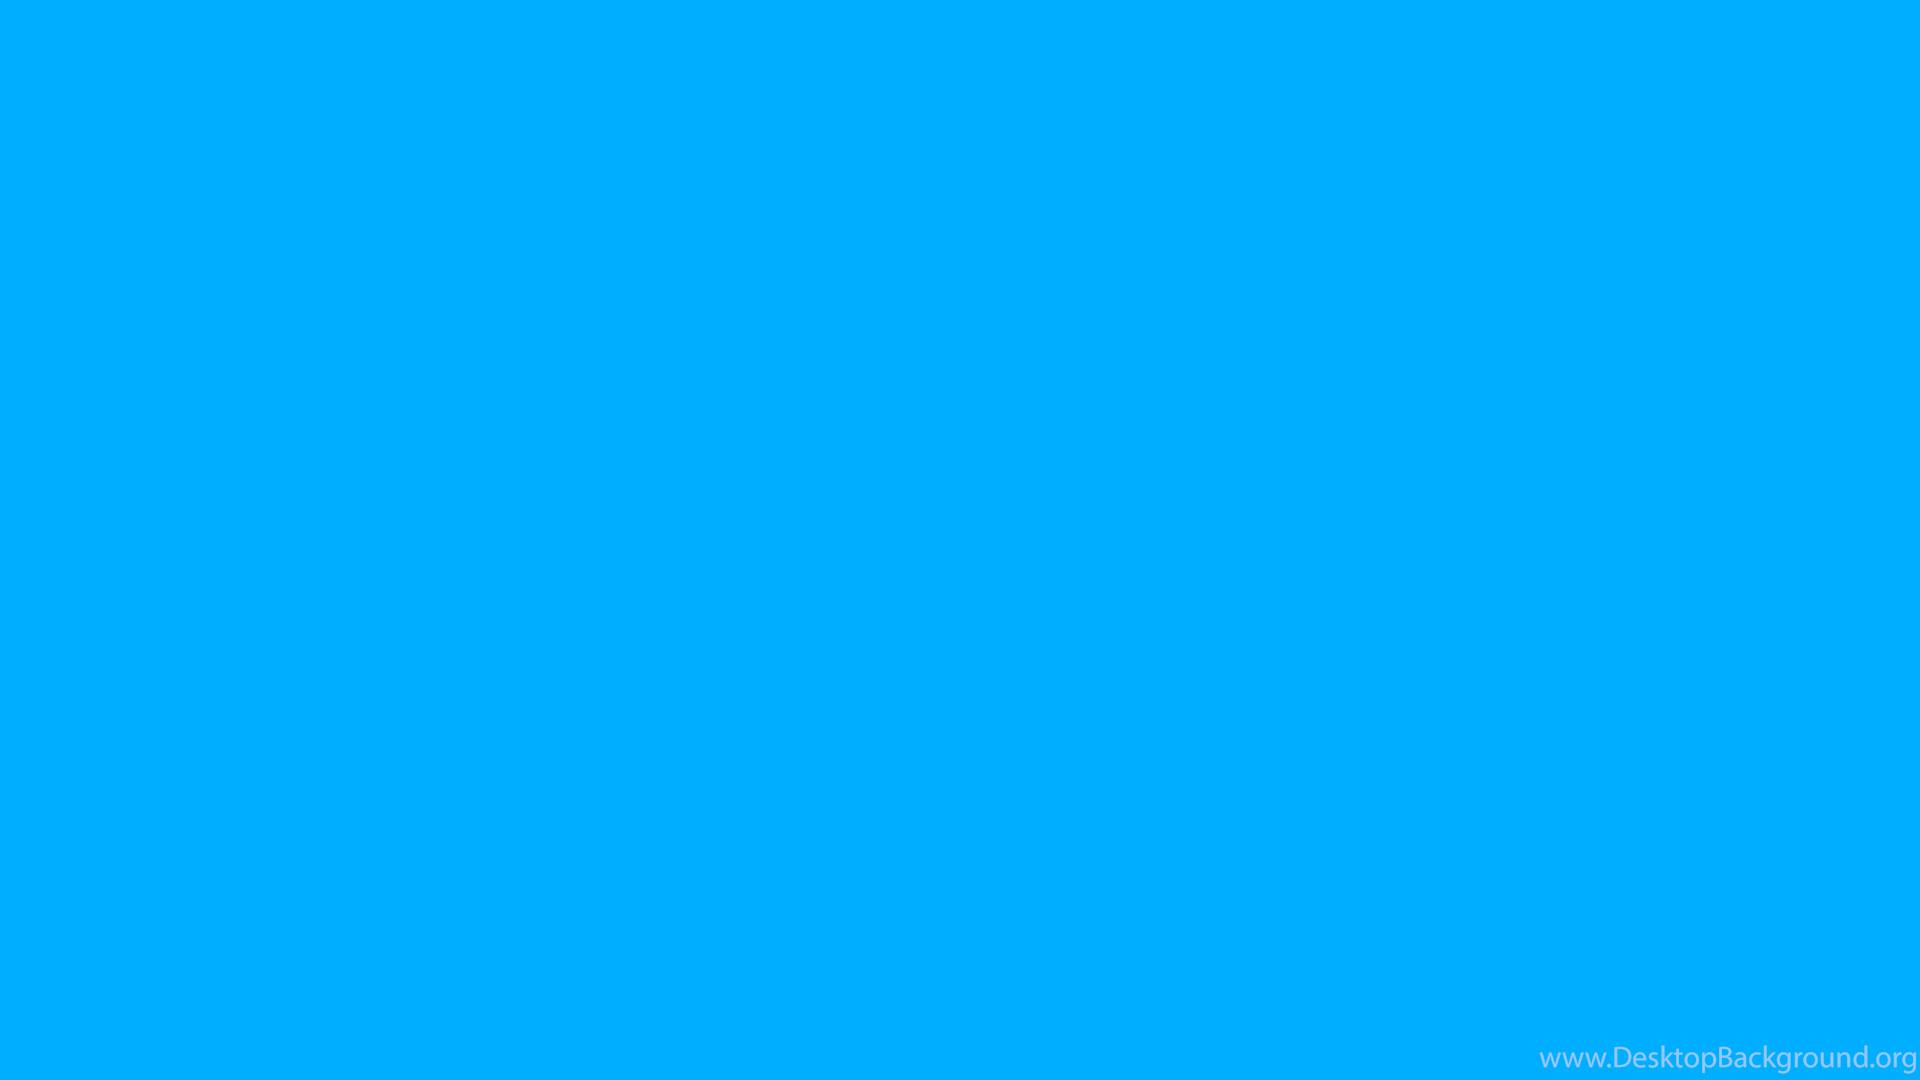 Plain Blue Screen Wallpaper 1920x1080 ·①